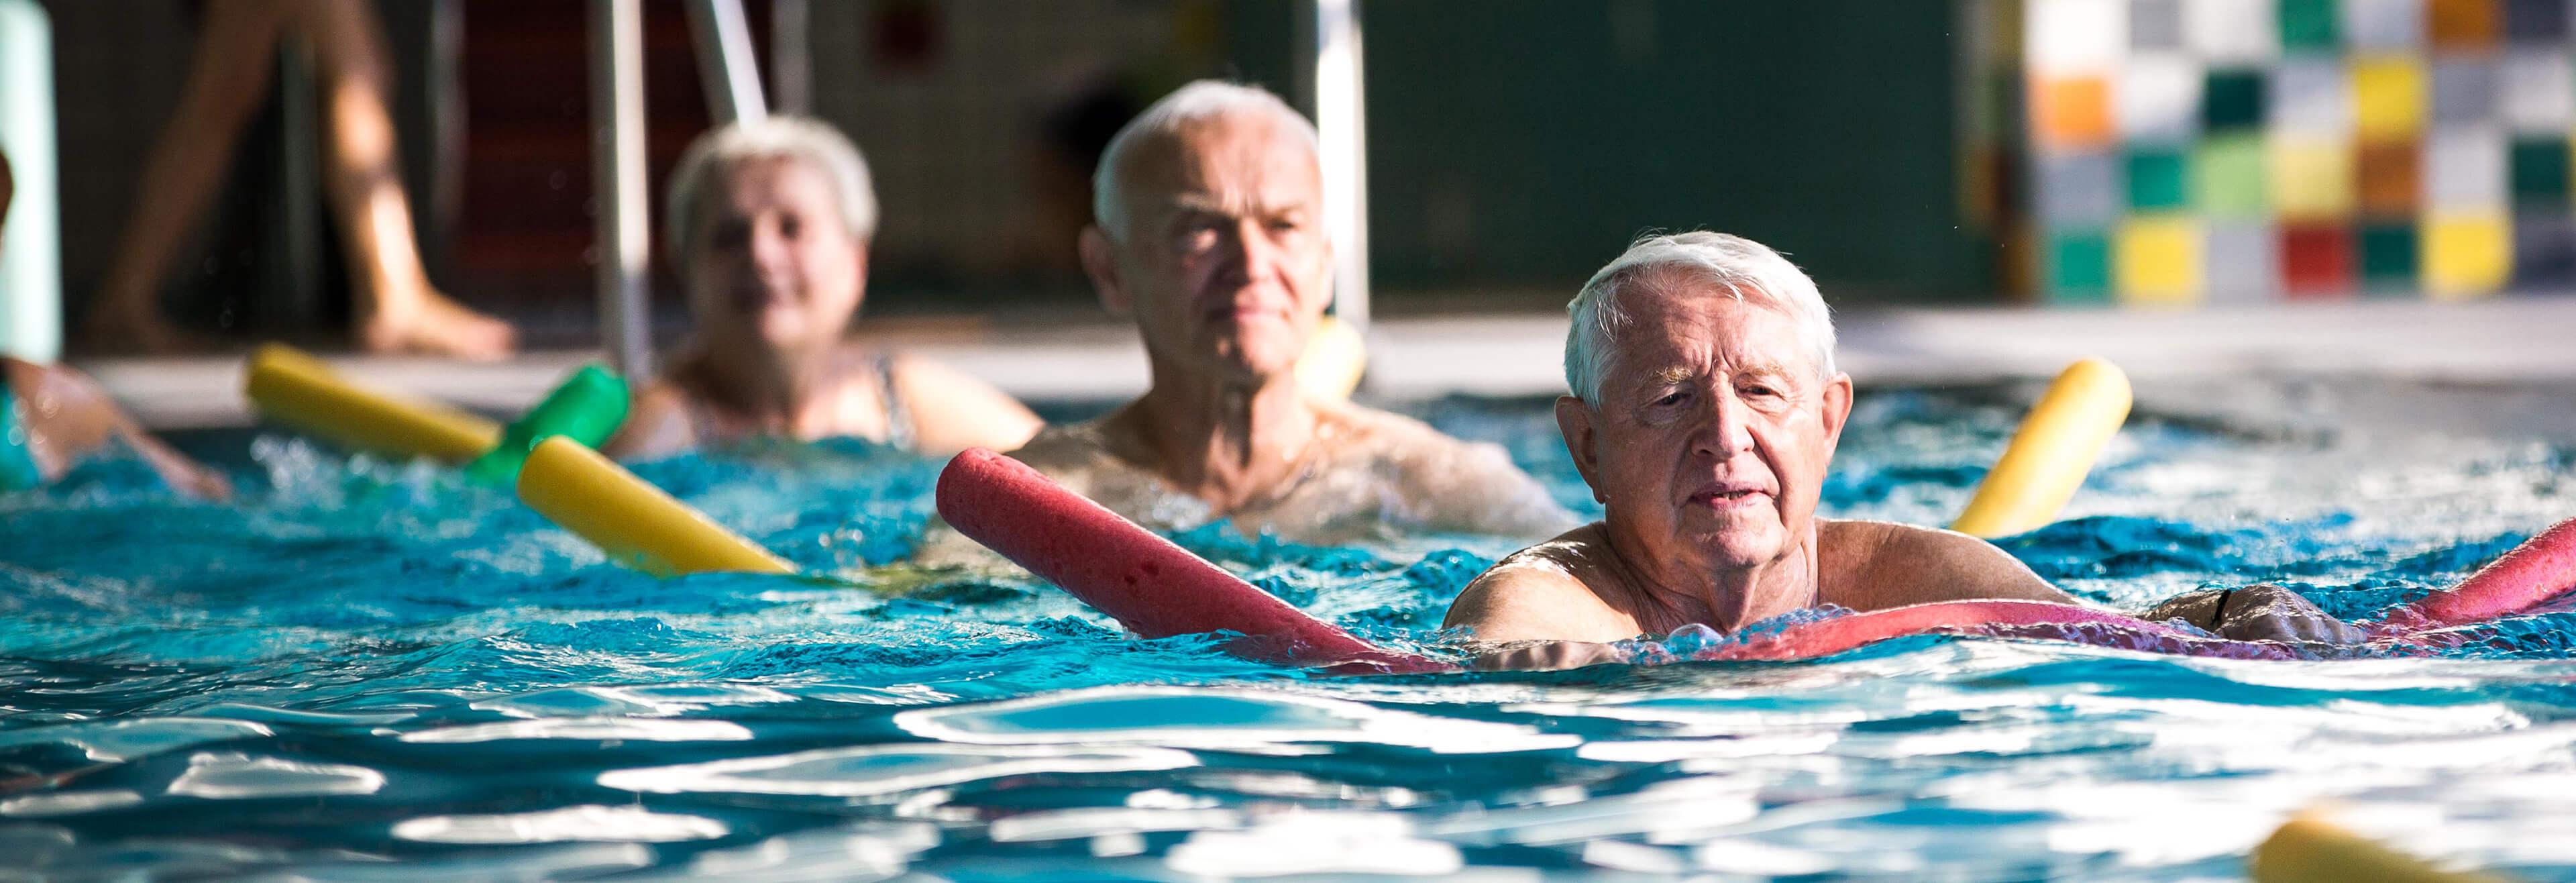 Aquafitness für Senioren